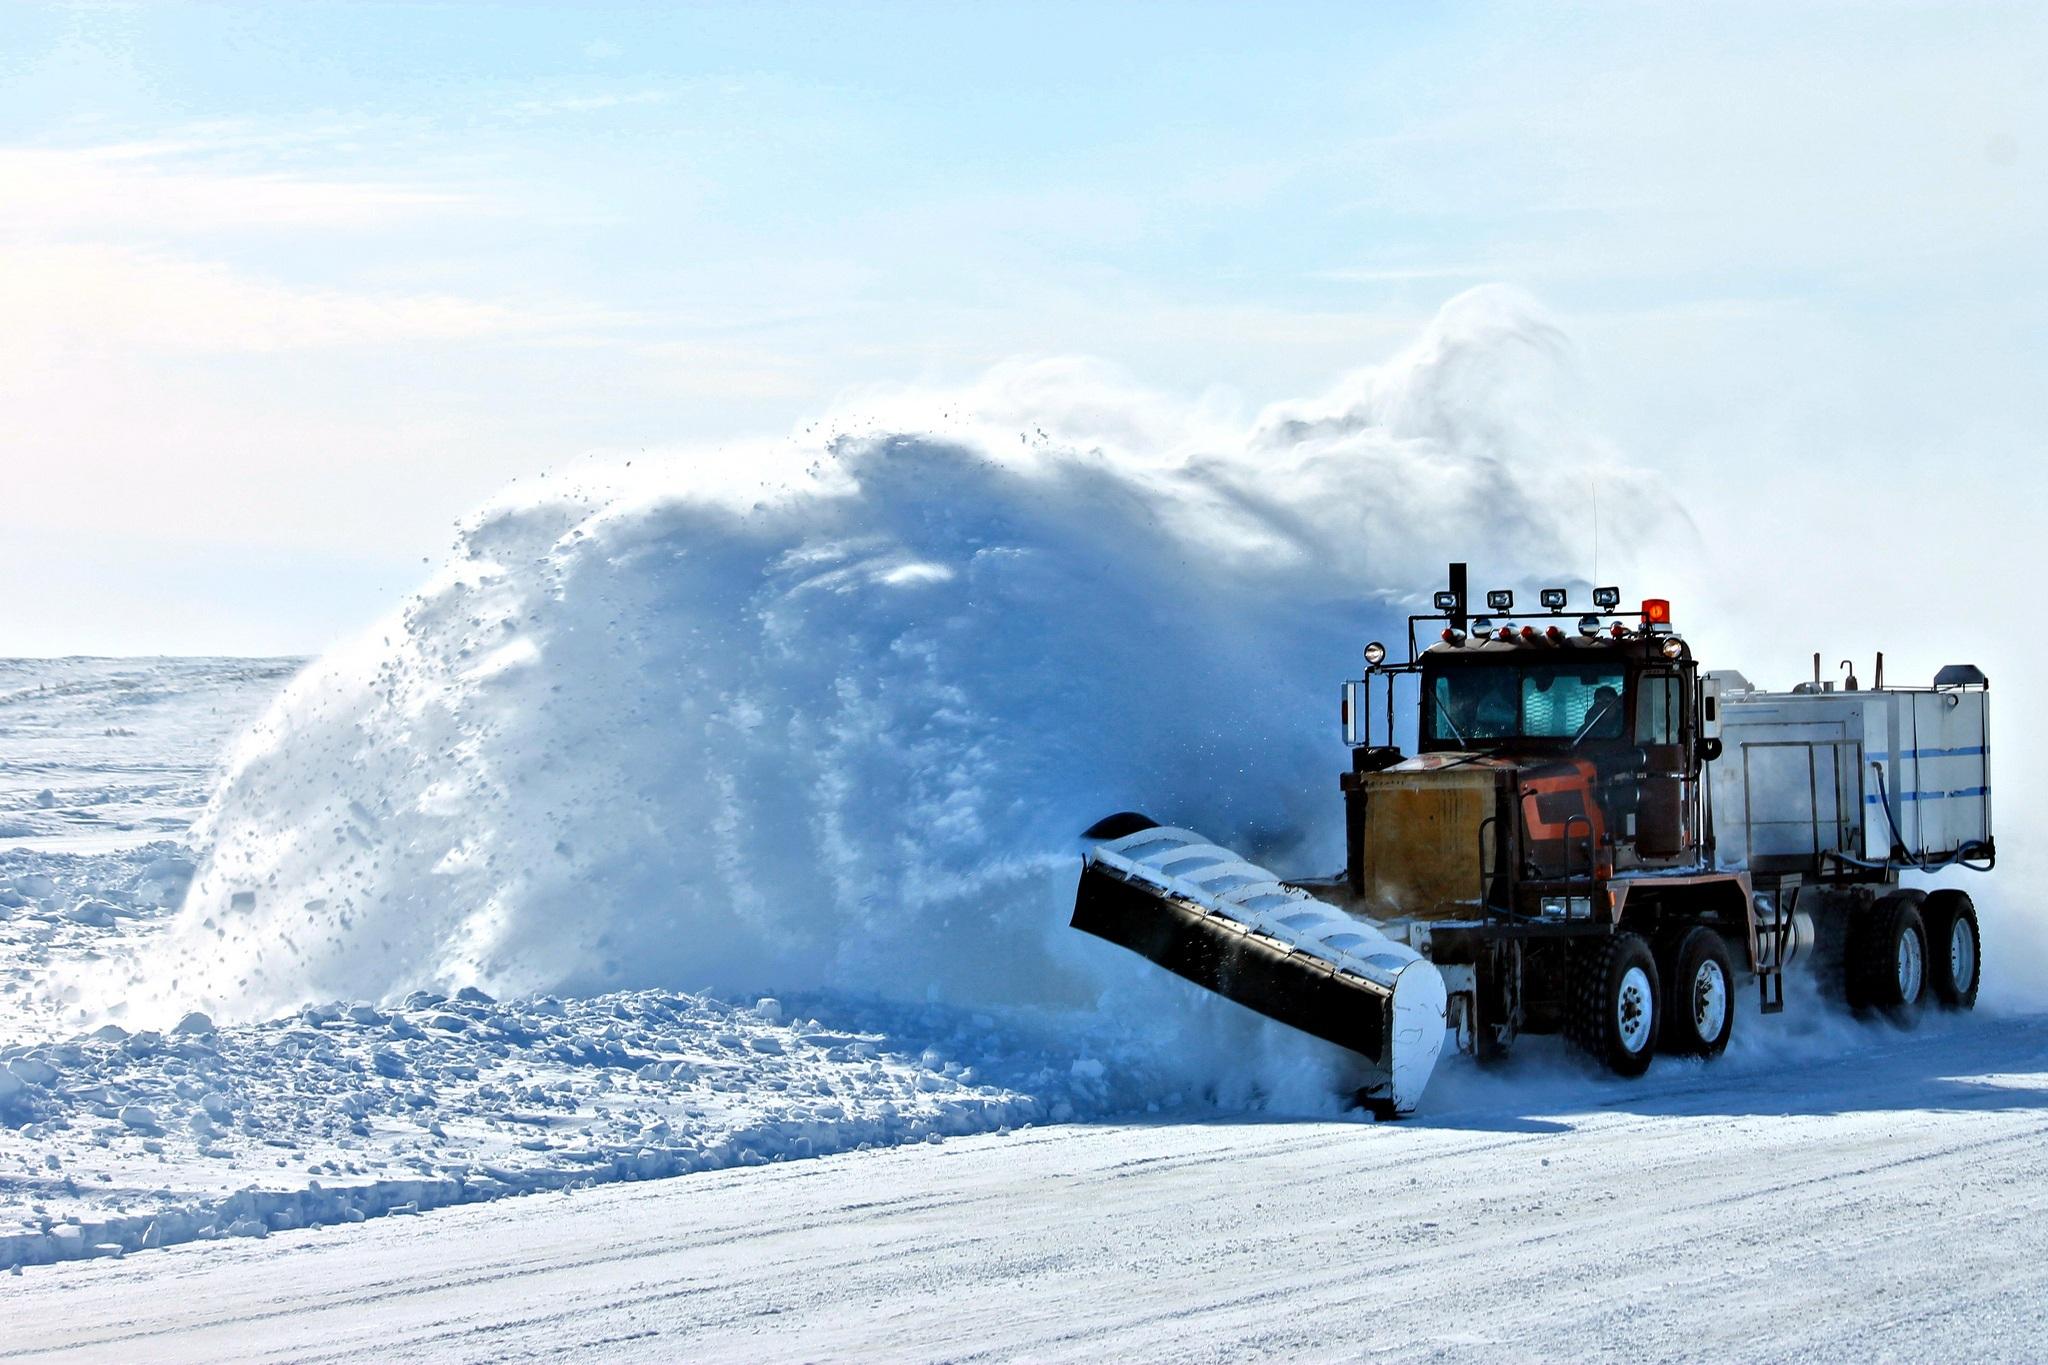 road routes viabilité hivernale winter viability